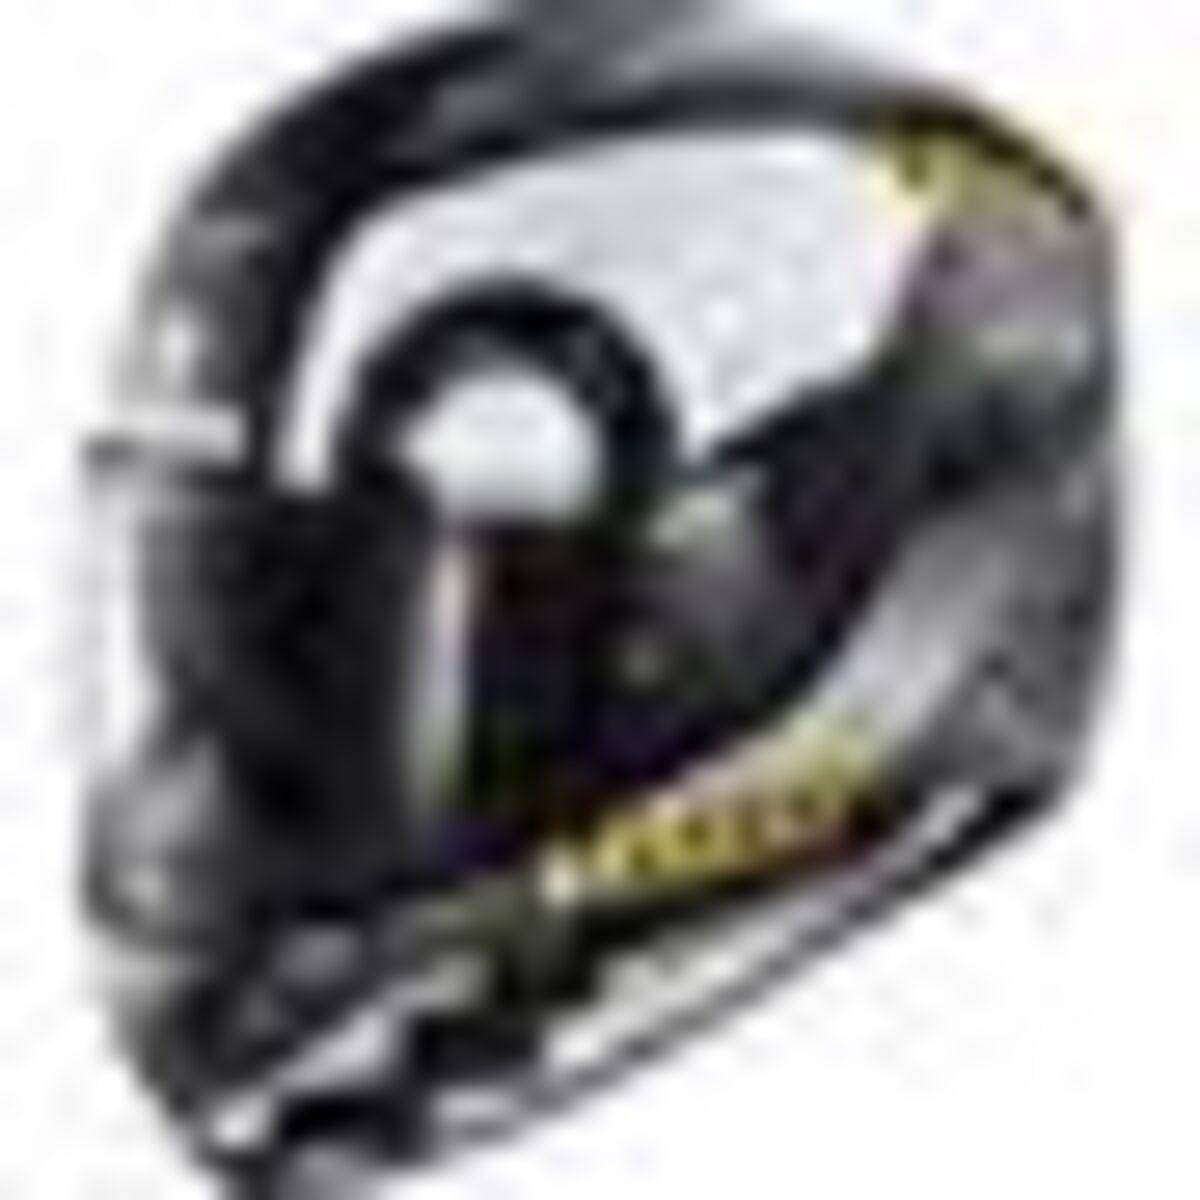 Bild 2 von Shark helmets            D-SKWAL Saurus Schwarz/Weiß/Grau Matt